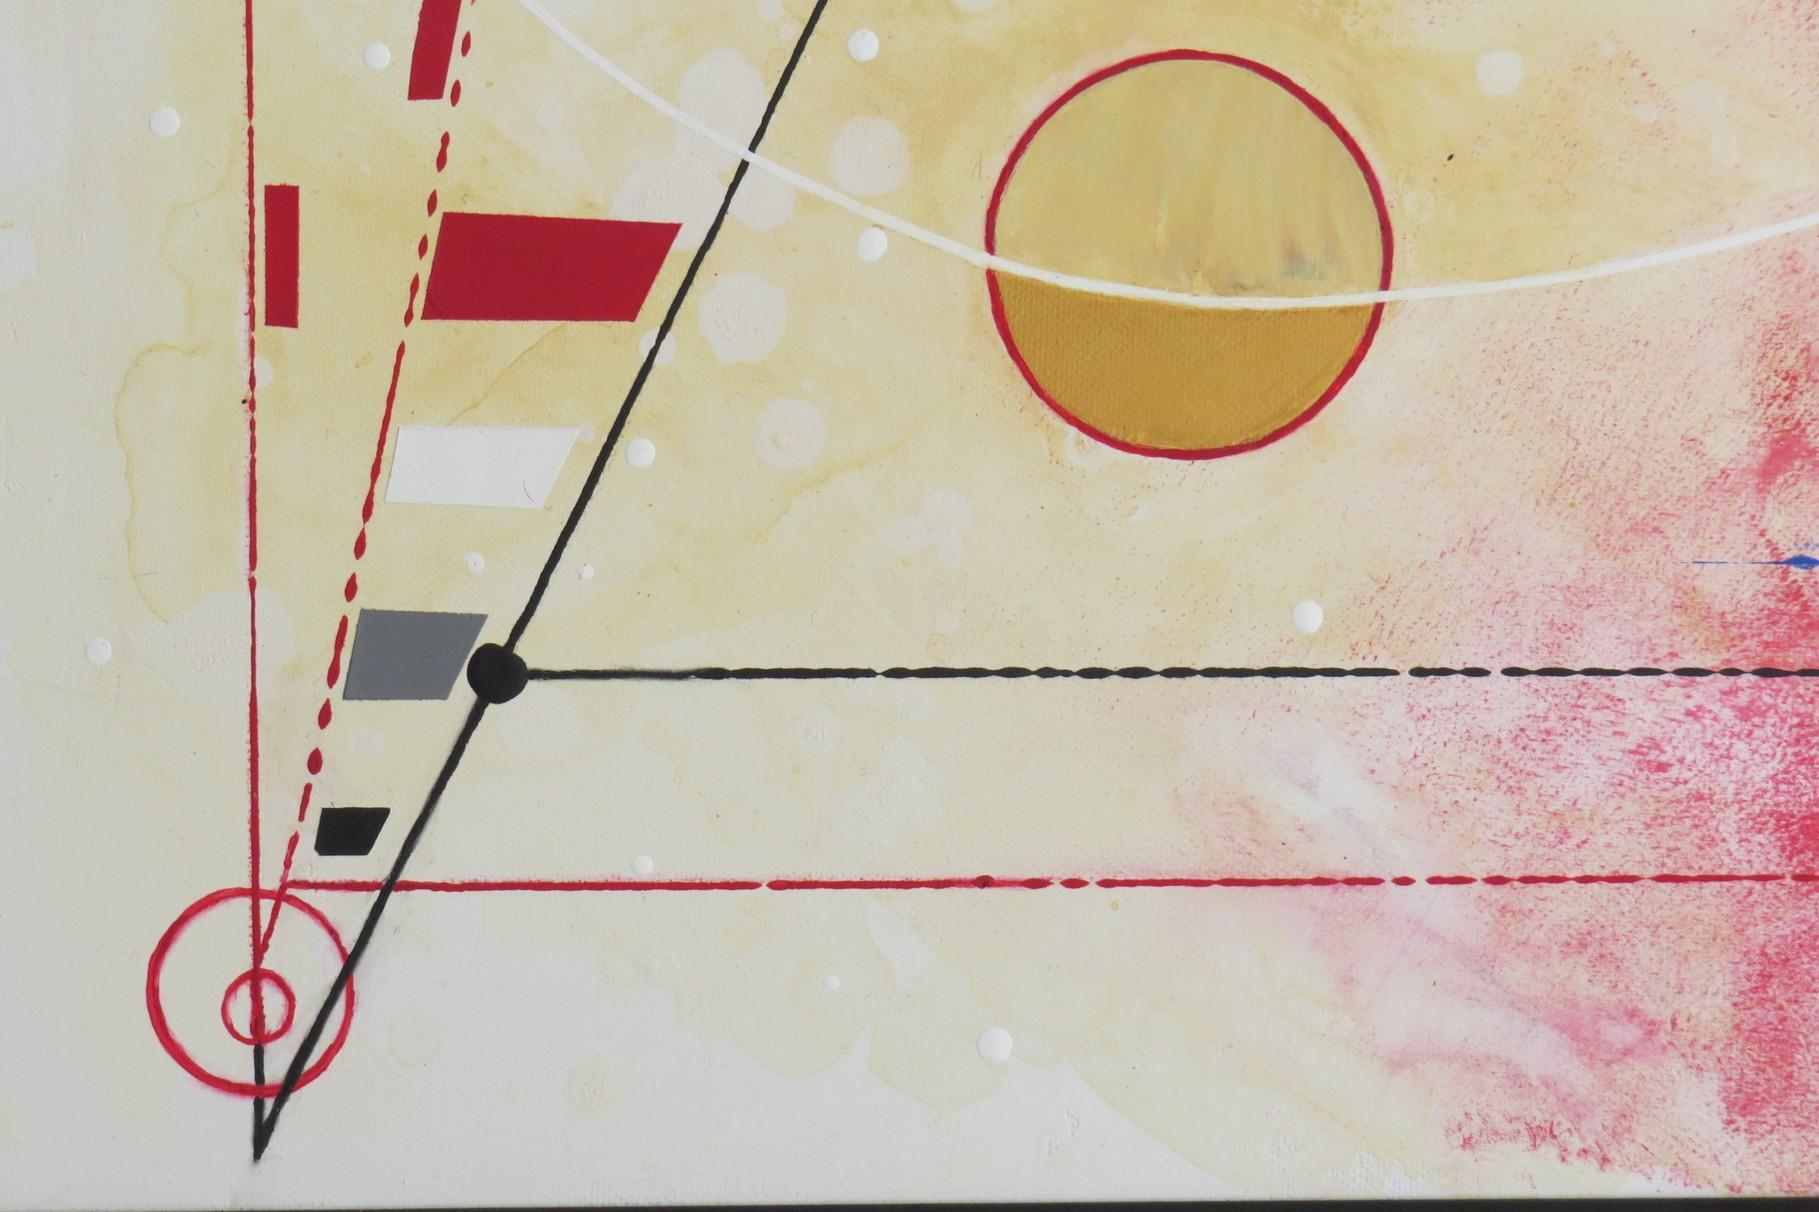 voie de l'art. zoom 2. tableau. abstrait. abstraction